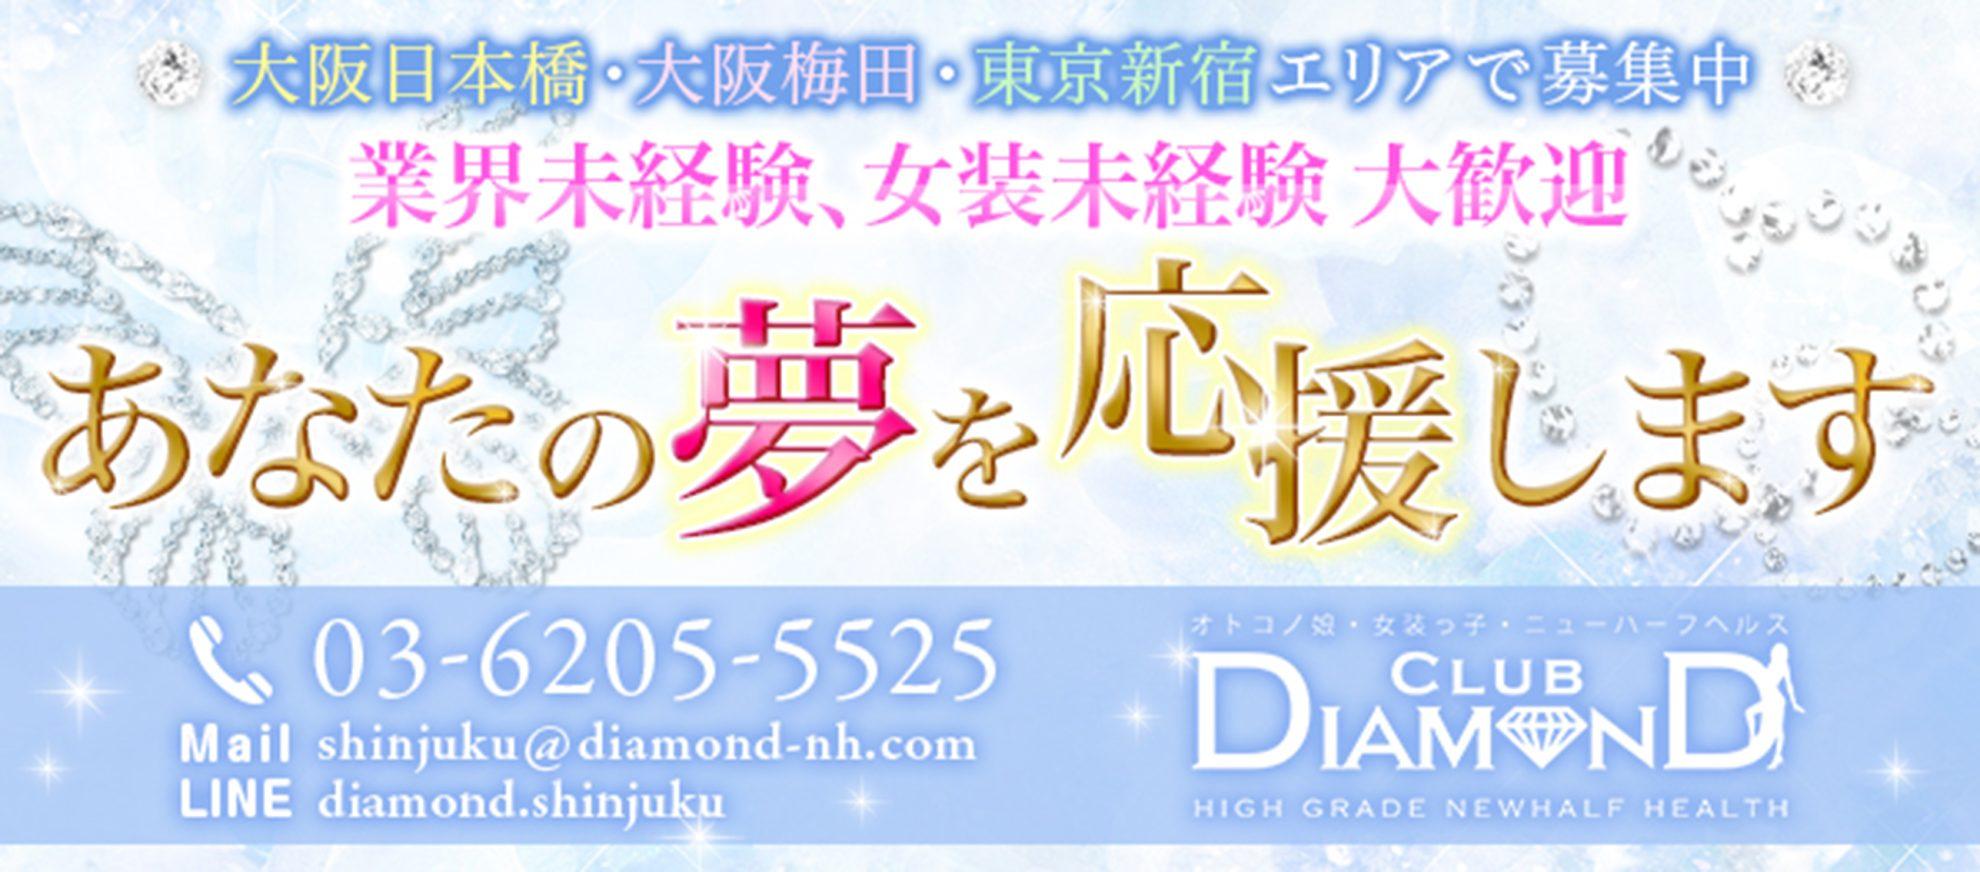 求人|大阪・梅田ニューハーフヘルスClub DIAMOND(クラブダイアモンド) ニューハーフ求人